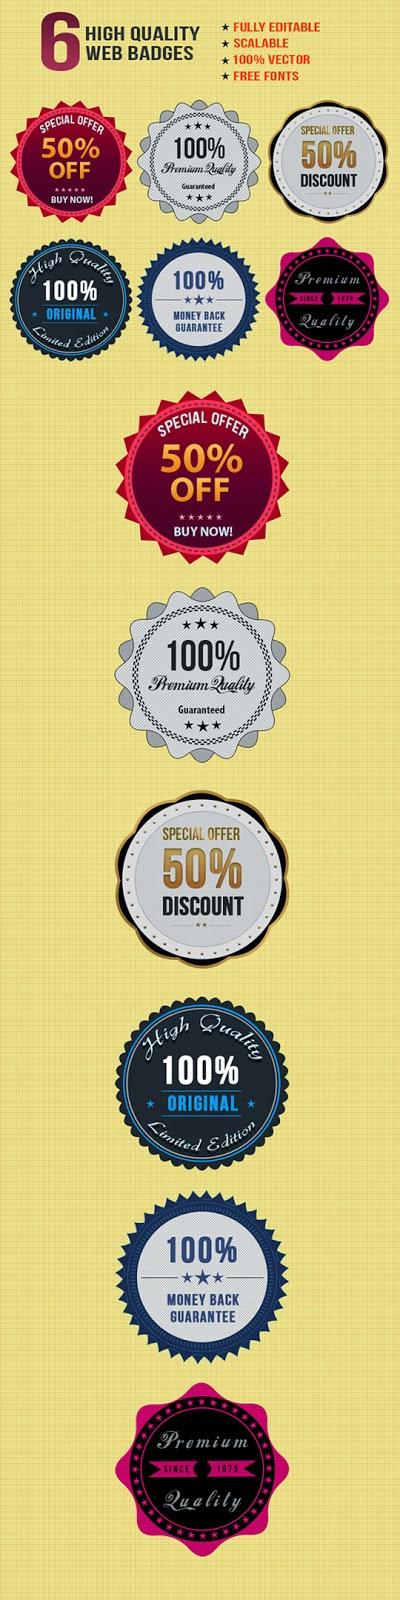 6 Free Stylish Web Badges PSD